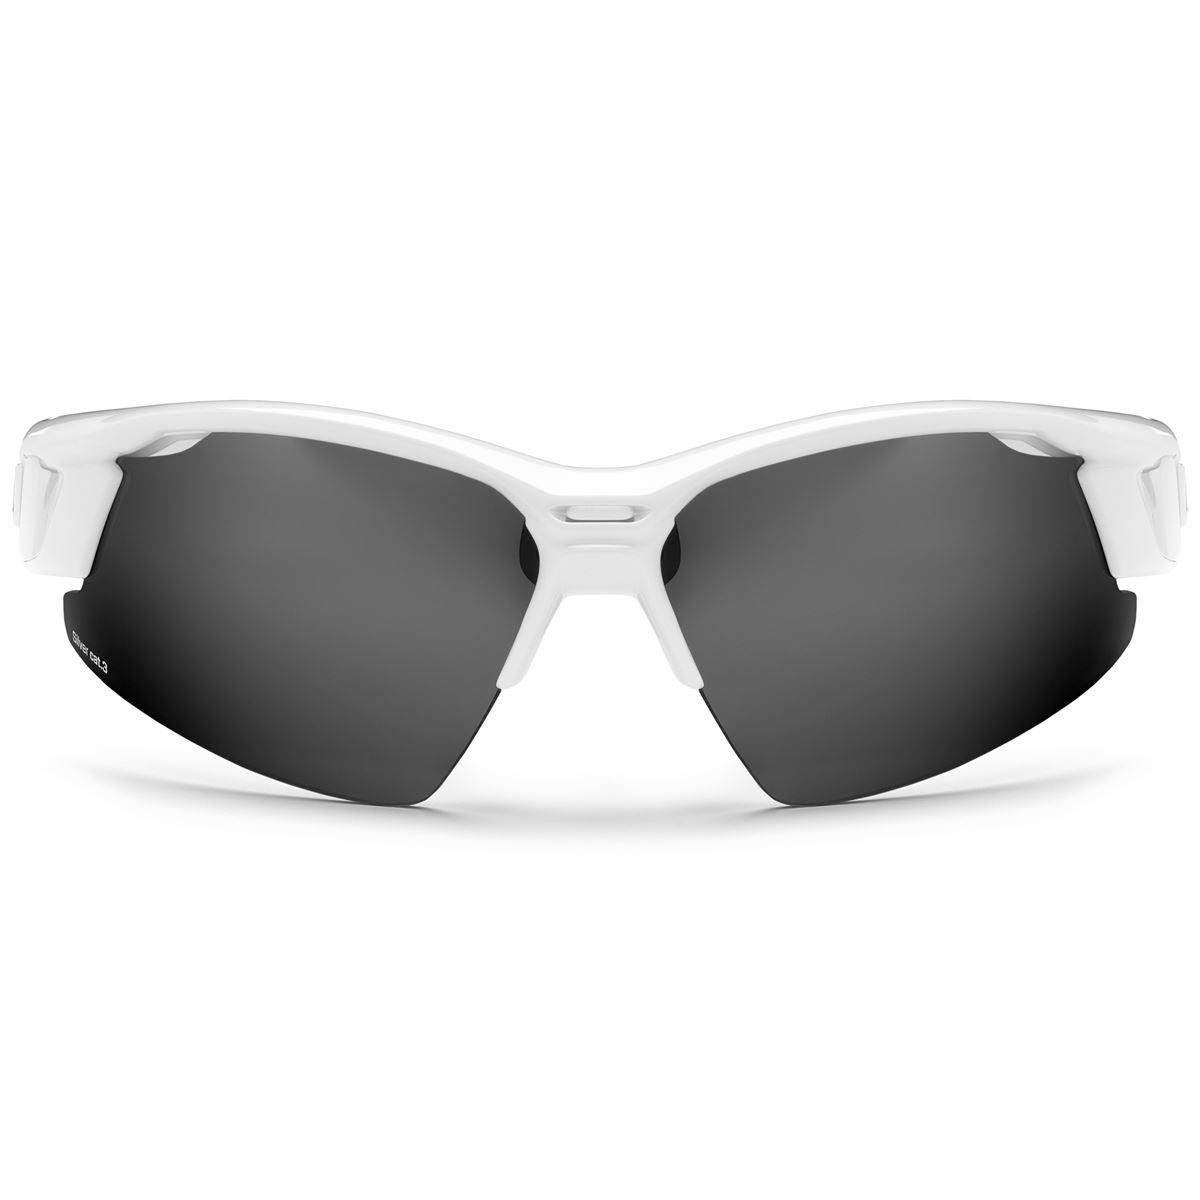 Briko GLASSES URAGANO Man Woman Sunglasses